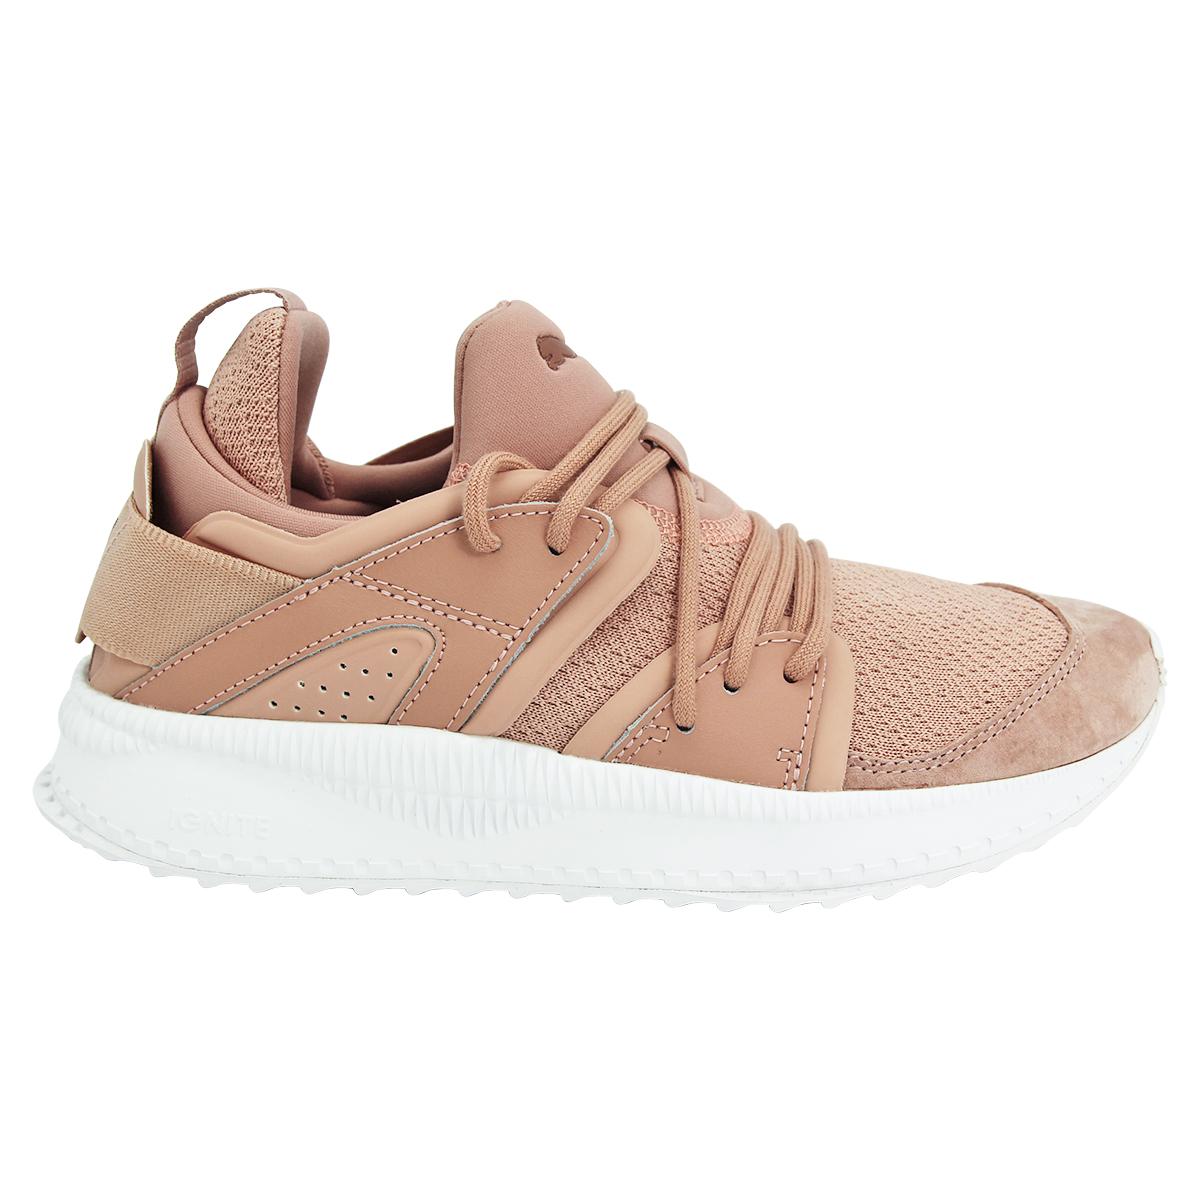 Puma wns Tsugi Blaze señora señora señora zapatillas zapatos nuevo  Web oficial